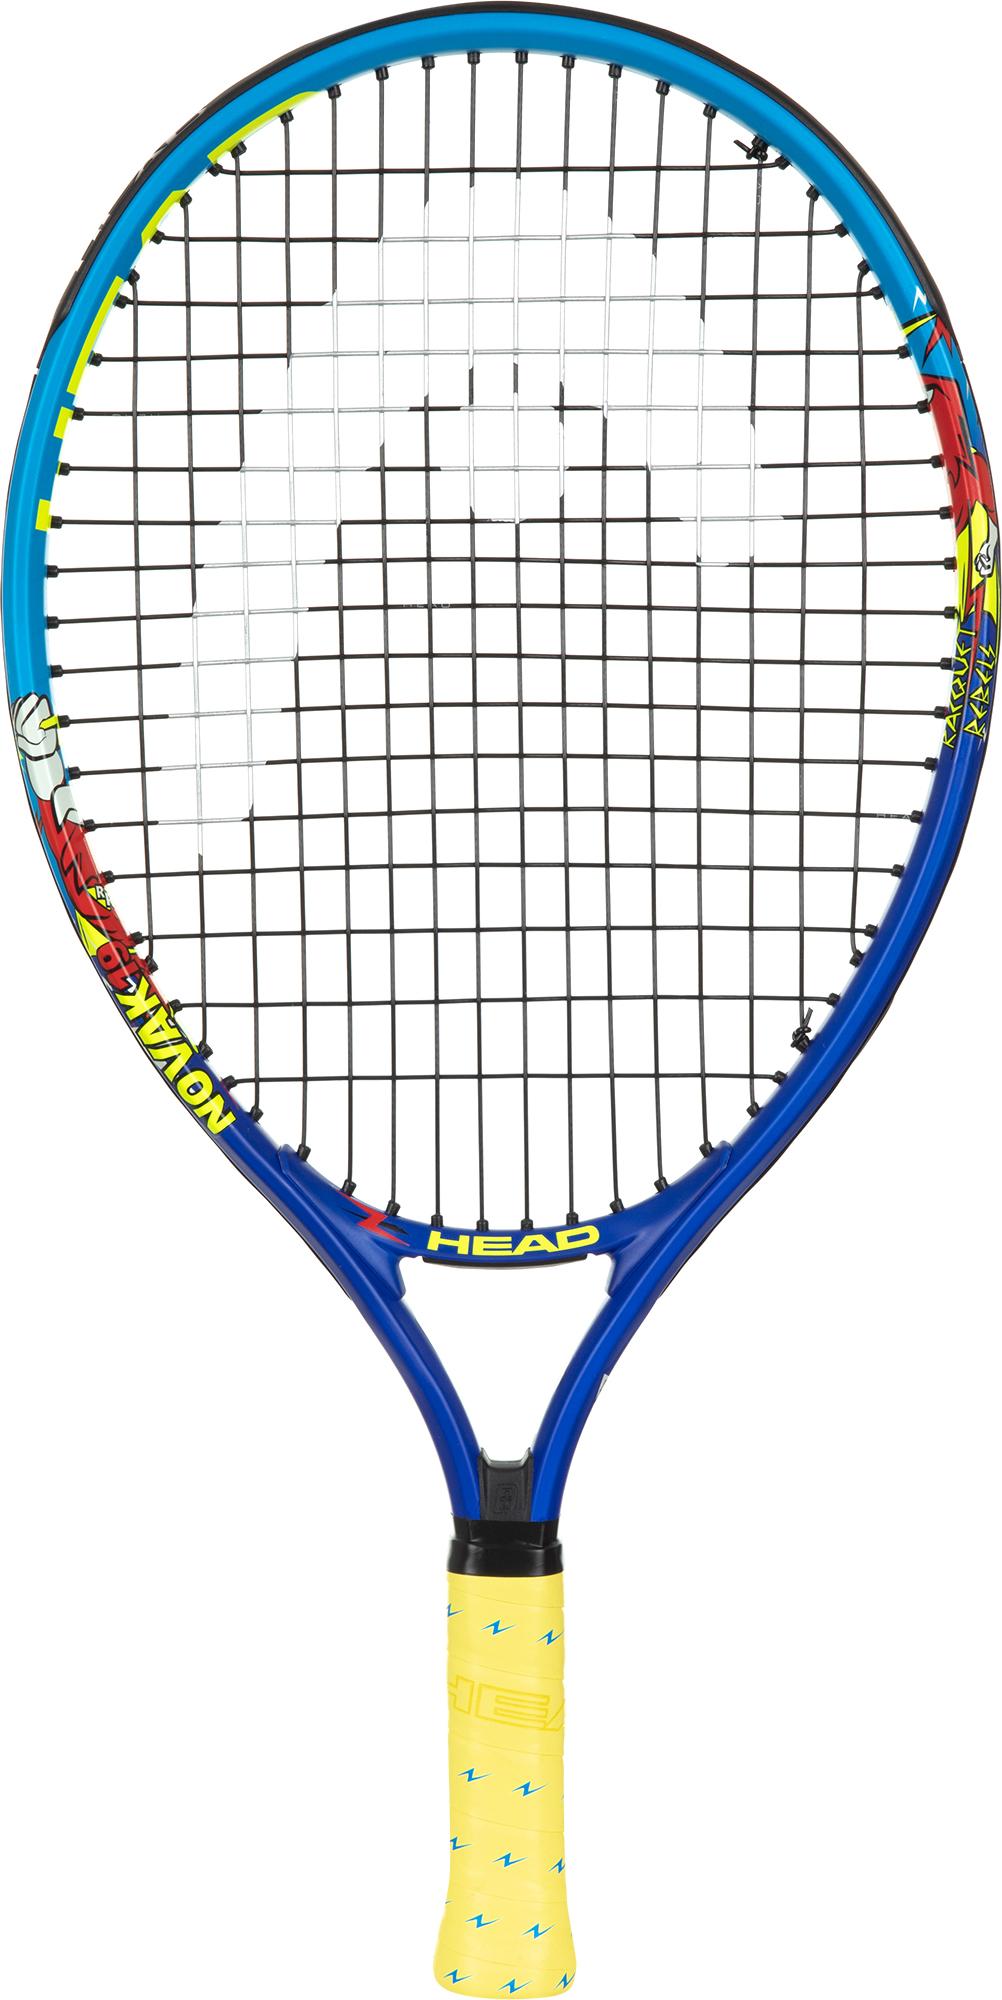 Head Ракетка для большого тенниса детская Head Novak 19, размер Без размера head ракетка для большого тенниса детская head novak 23 размер без размера